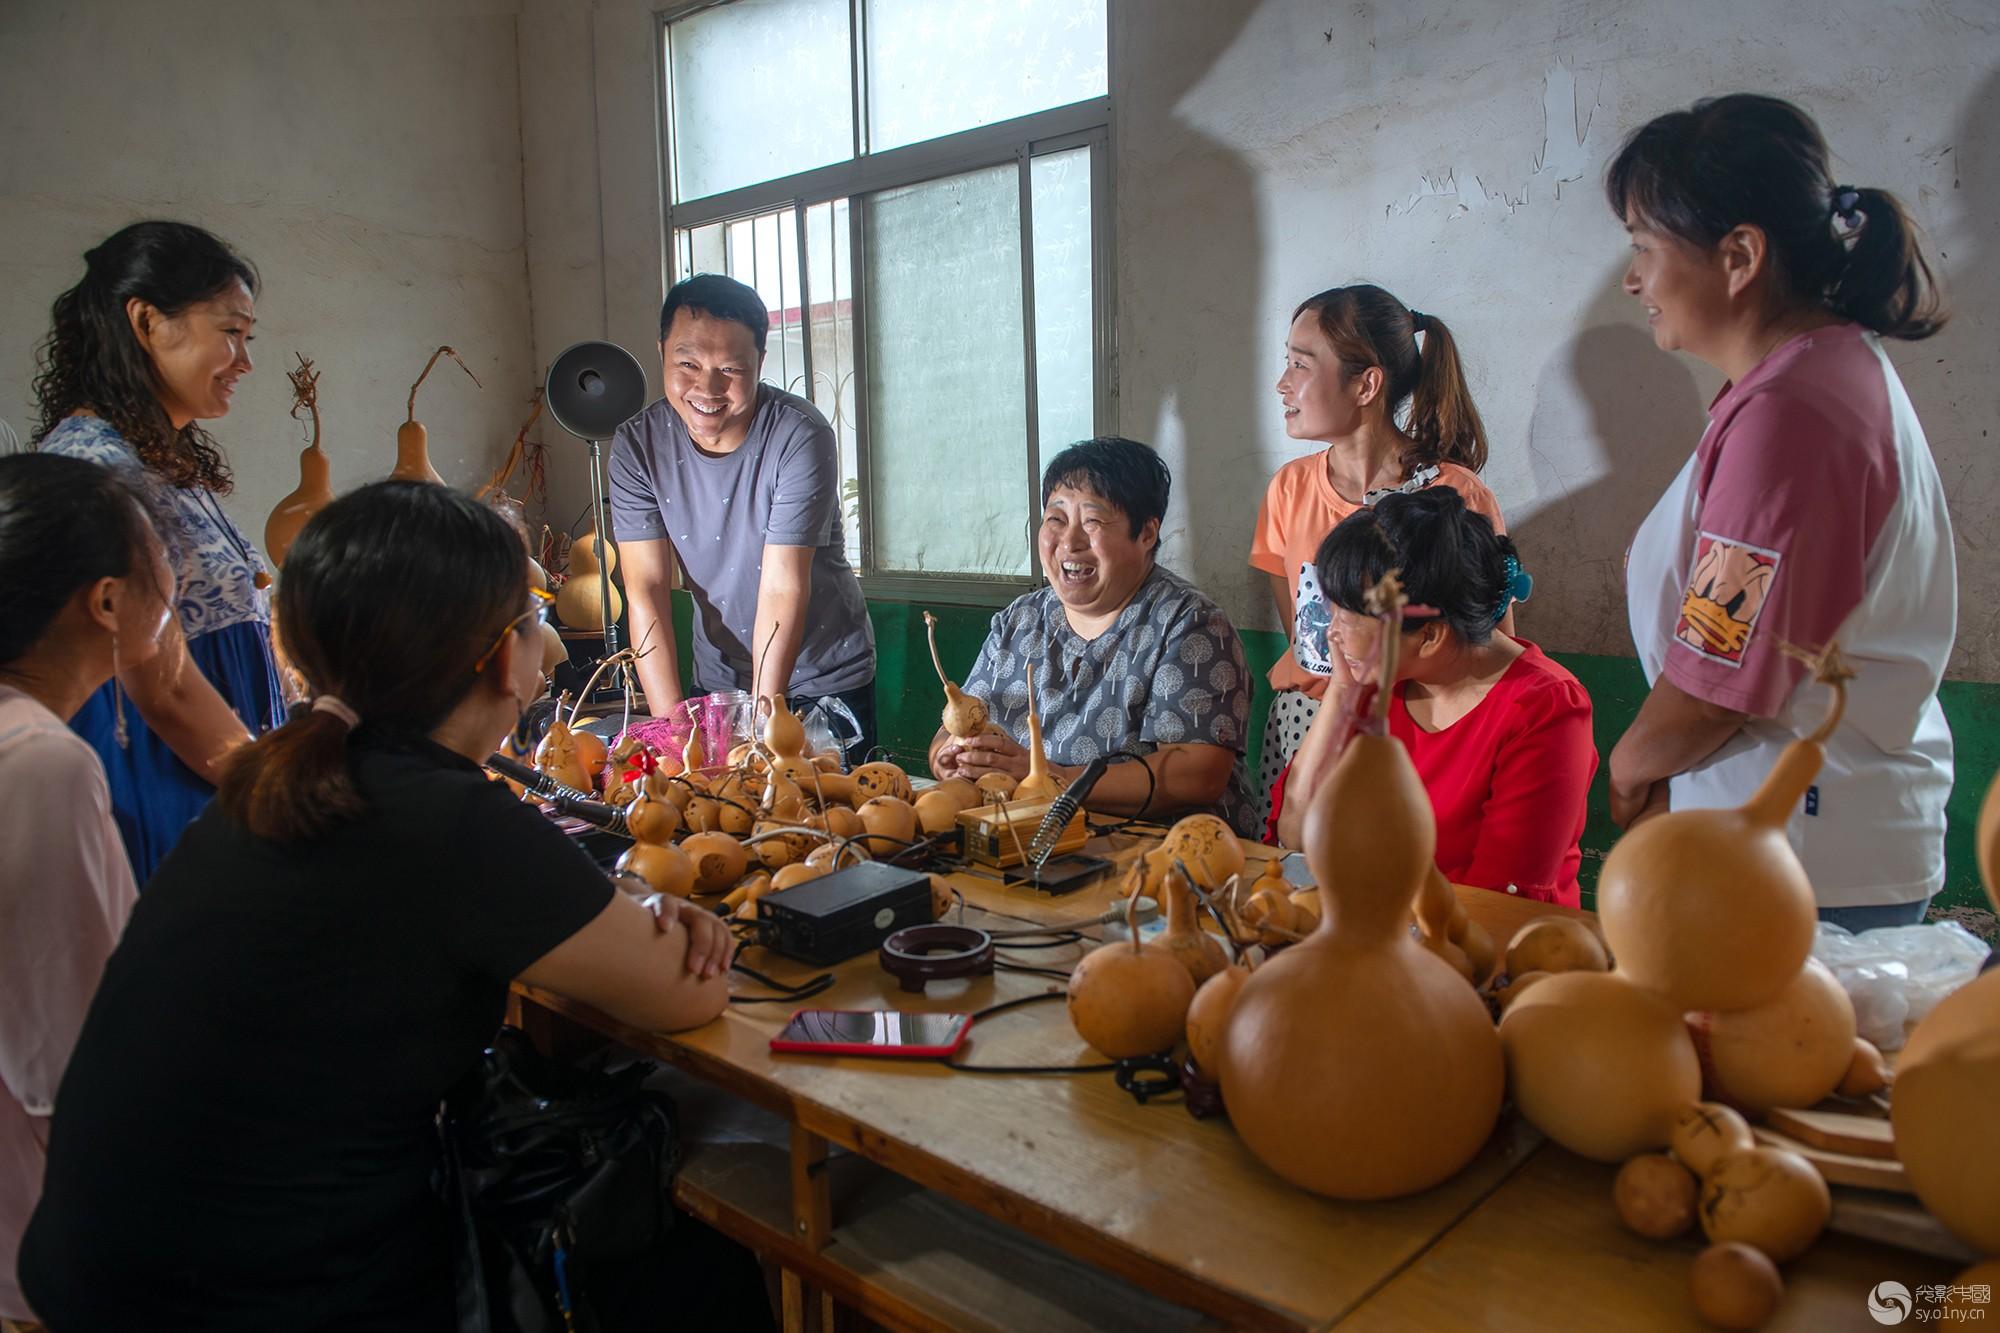 方城县广阳镇新集村——葫芦增收  摄影:张金敖.jpg